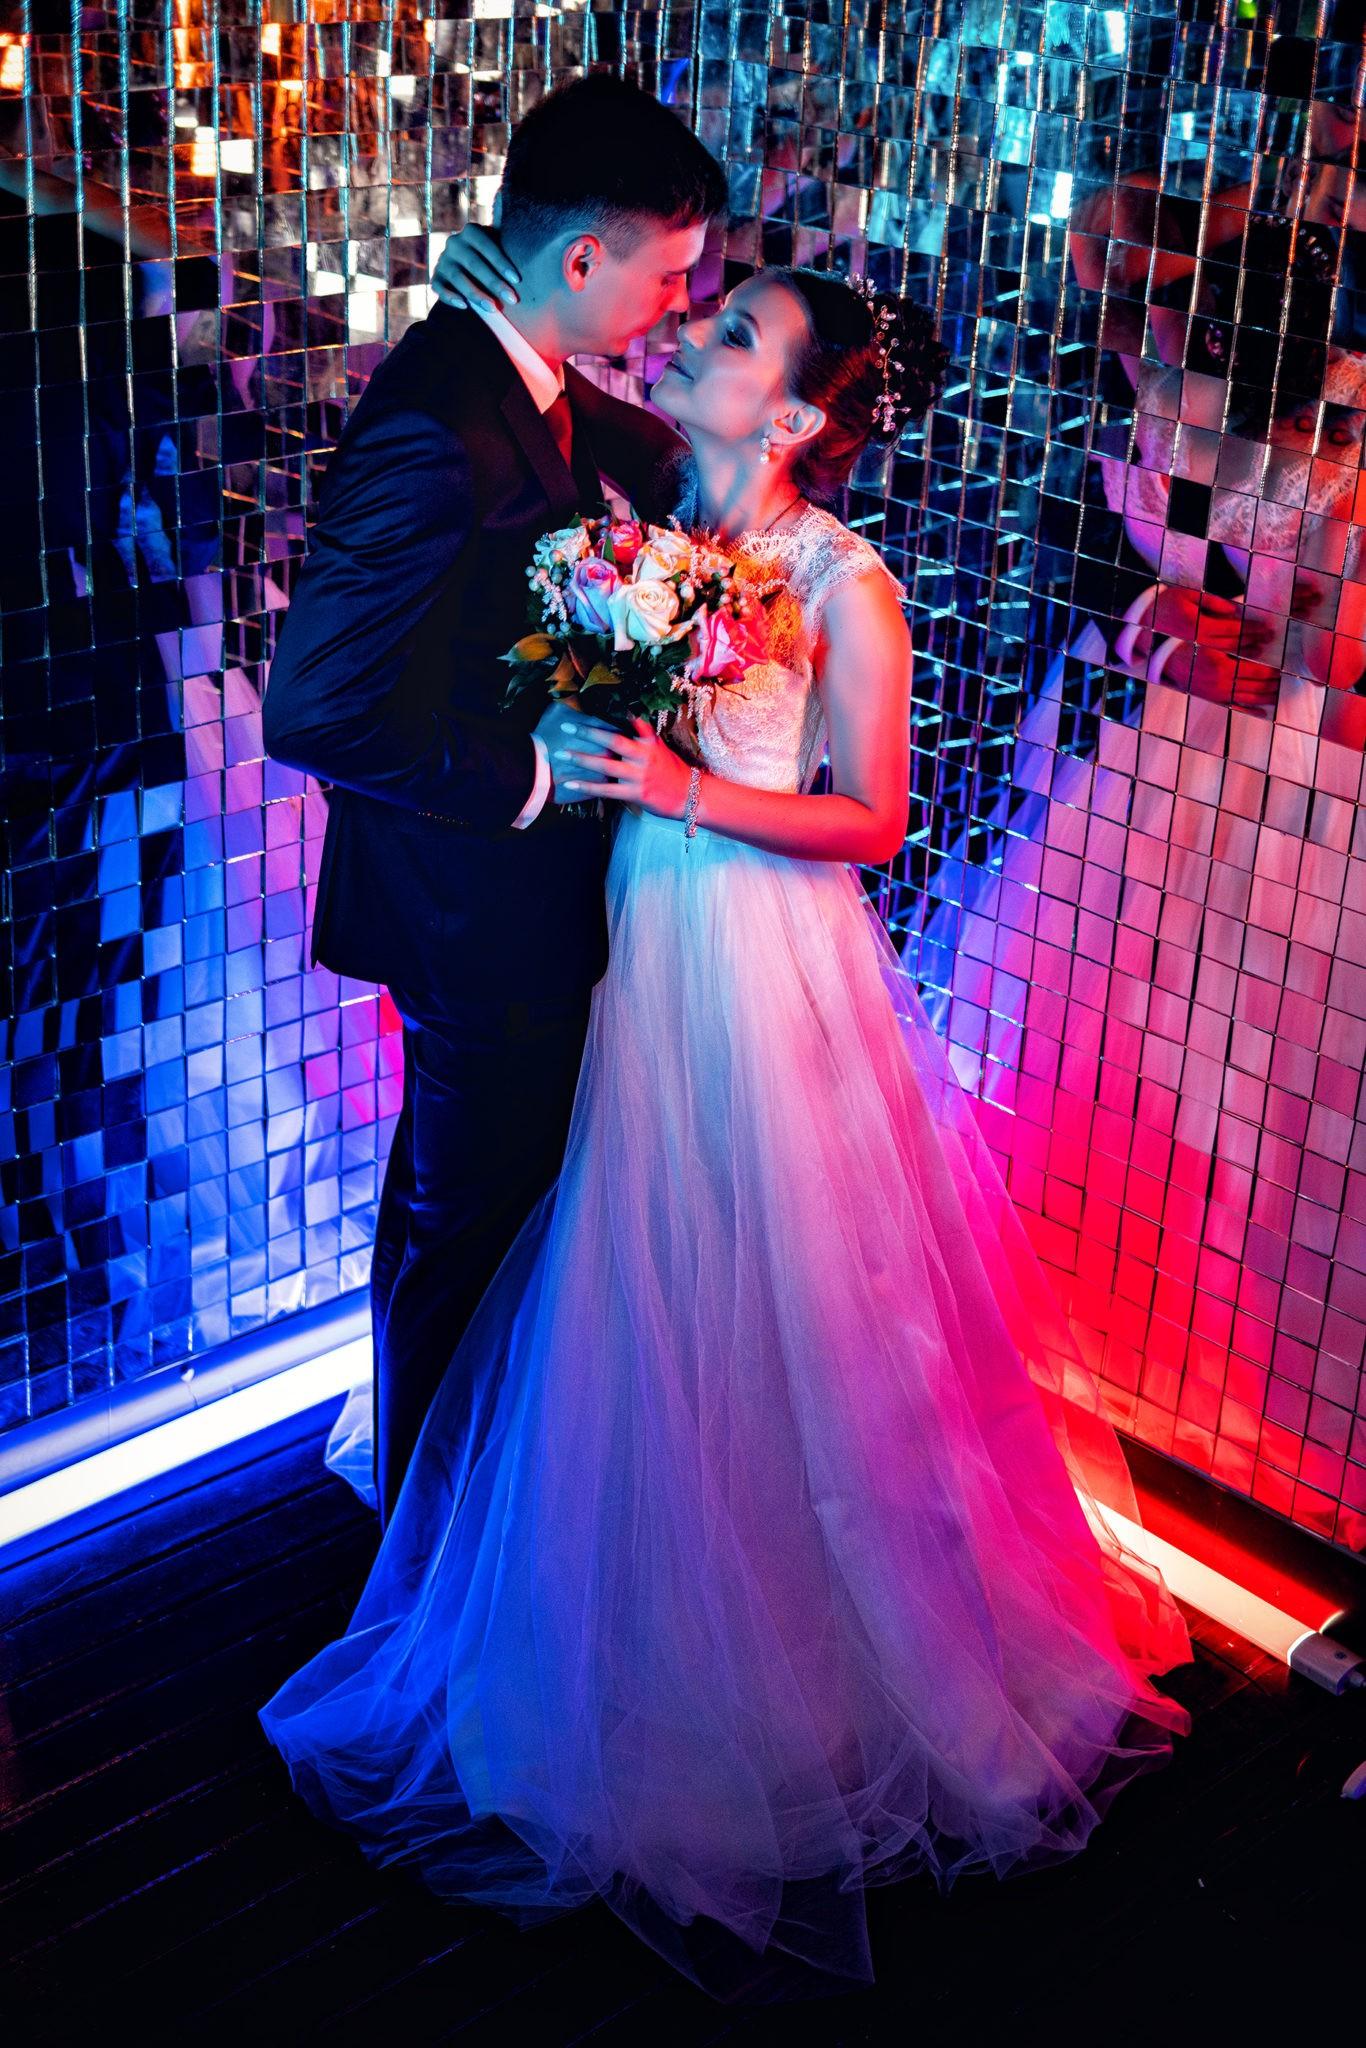 Свадебная съемка от Краснодарского свадебного фотографа в атмосферной, неоновой студии 69volt Краснодара: поцелуй в зеркалах